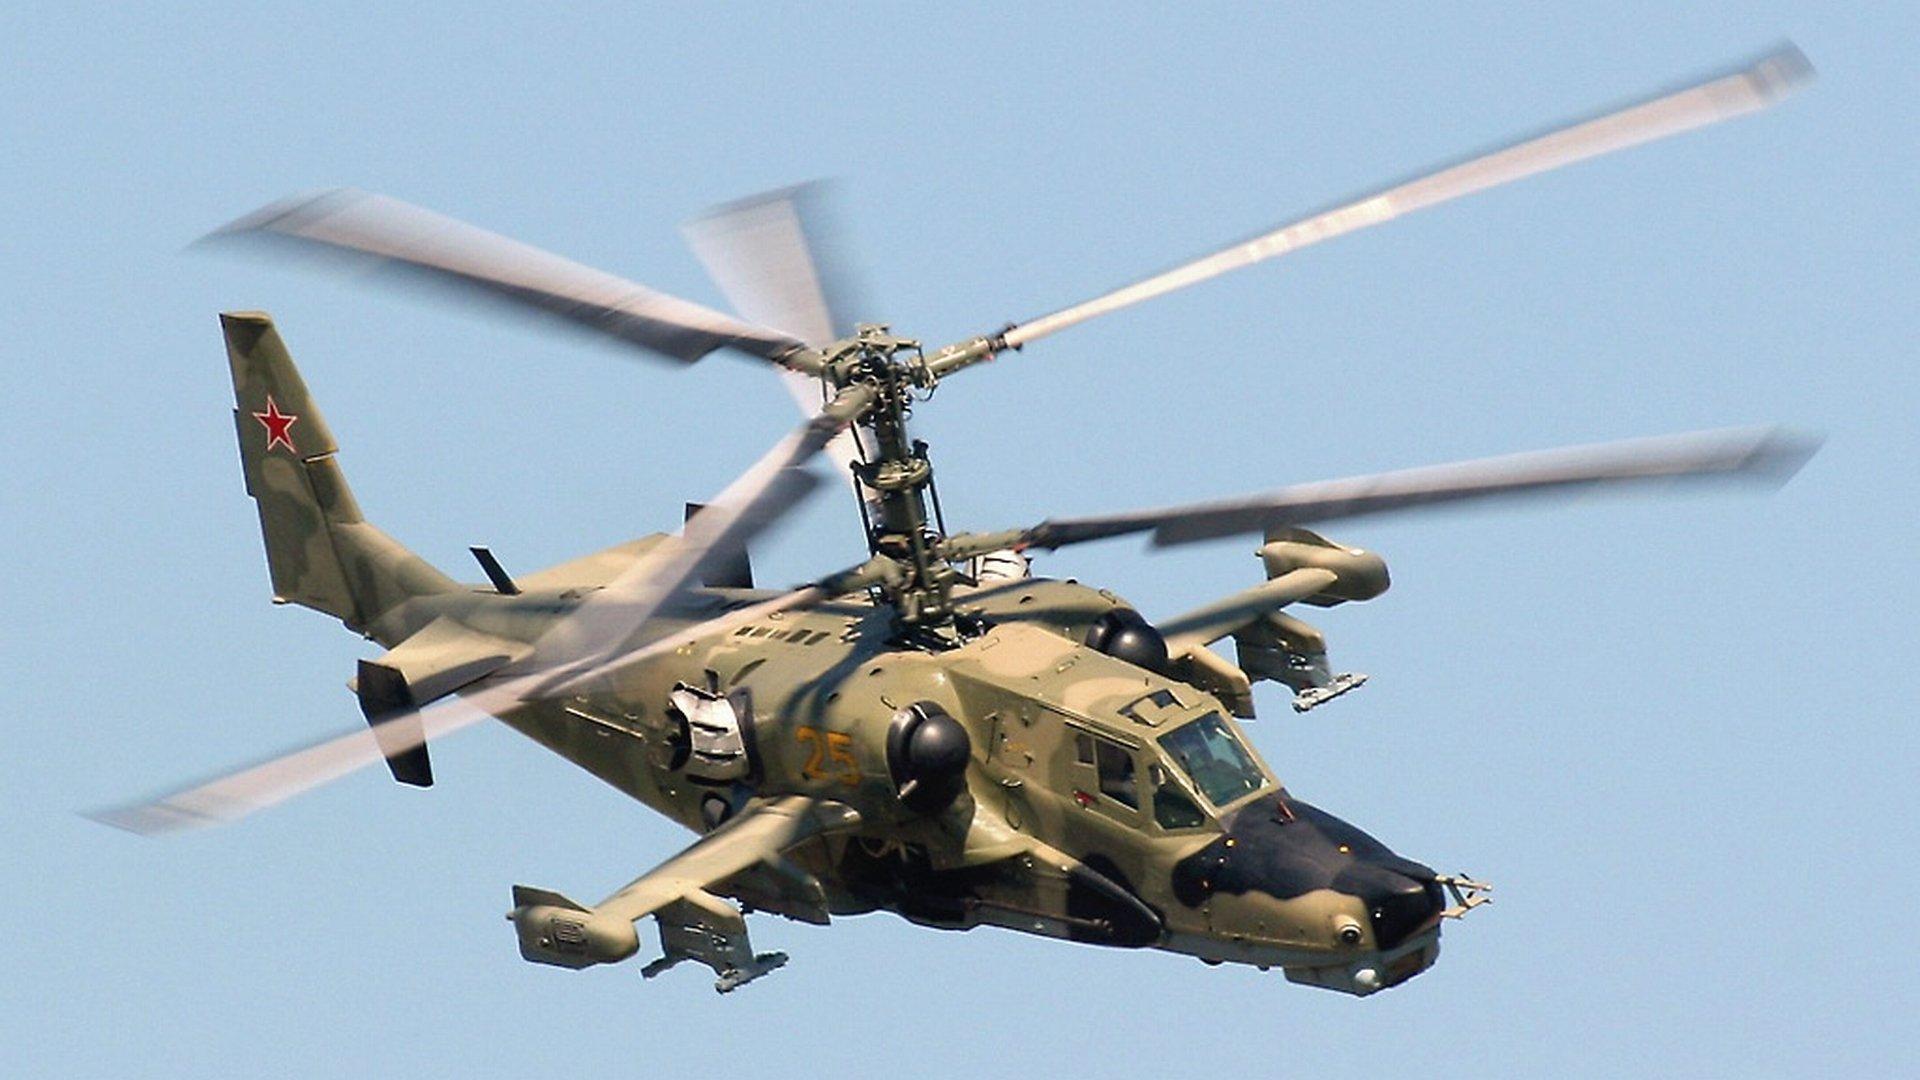 【讲堂566期】详解俄罗斯Ka-50黑鲨武装直升机,弹射座椅共轴双旋翼,创造三个世界第一